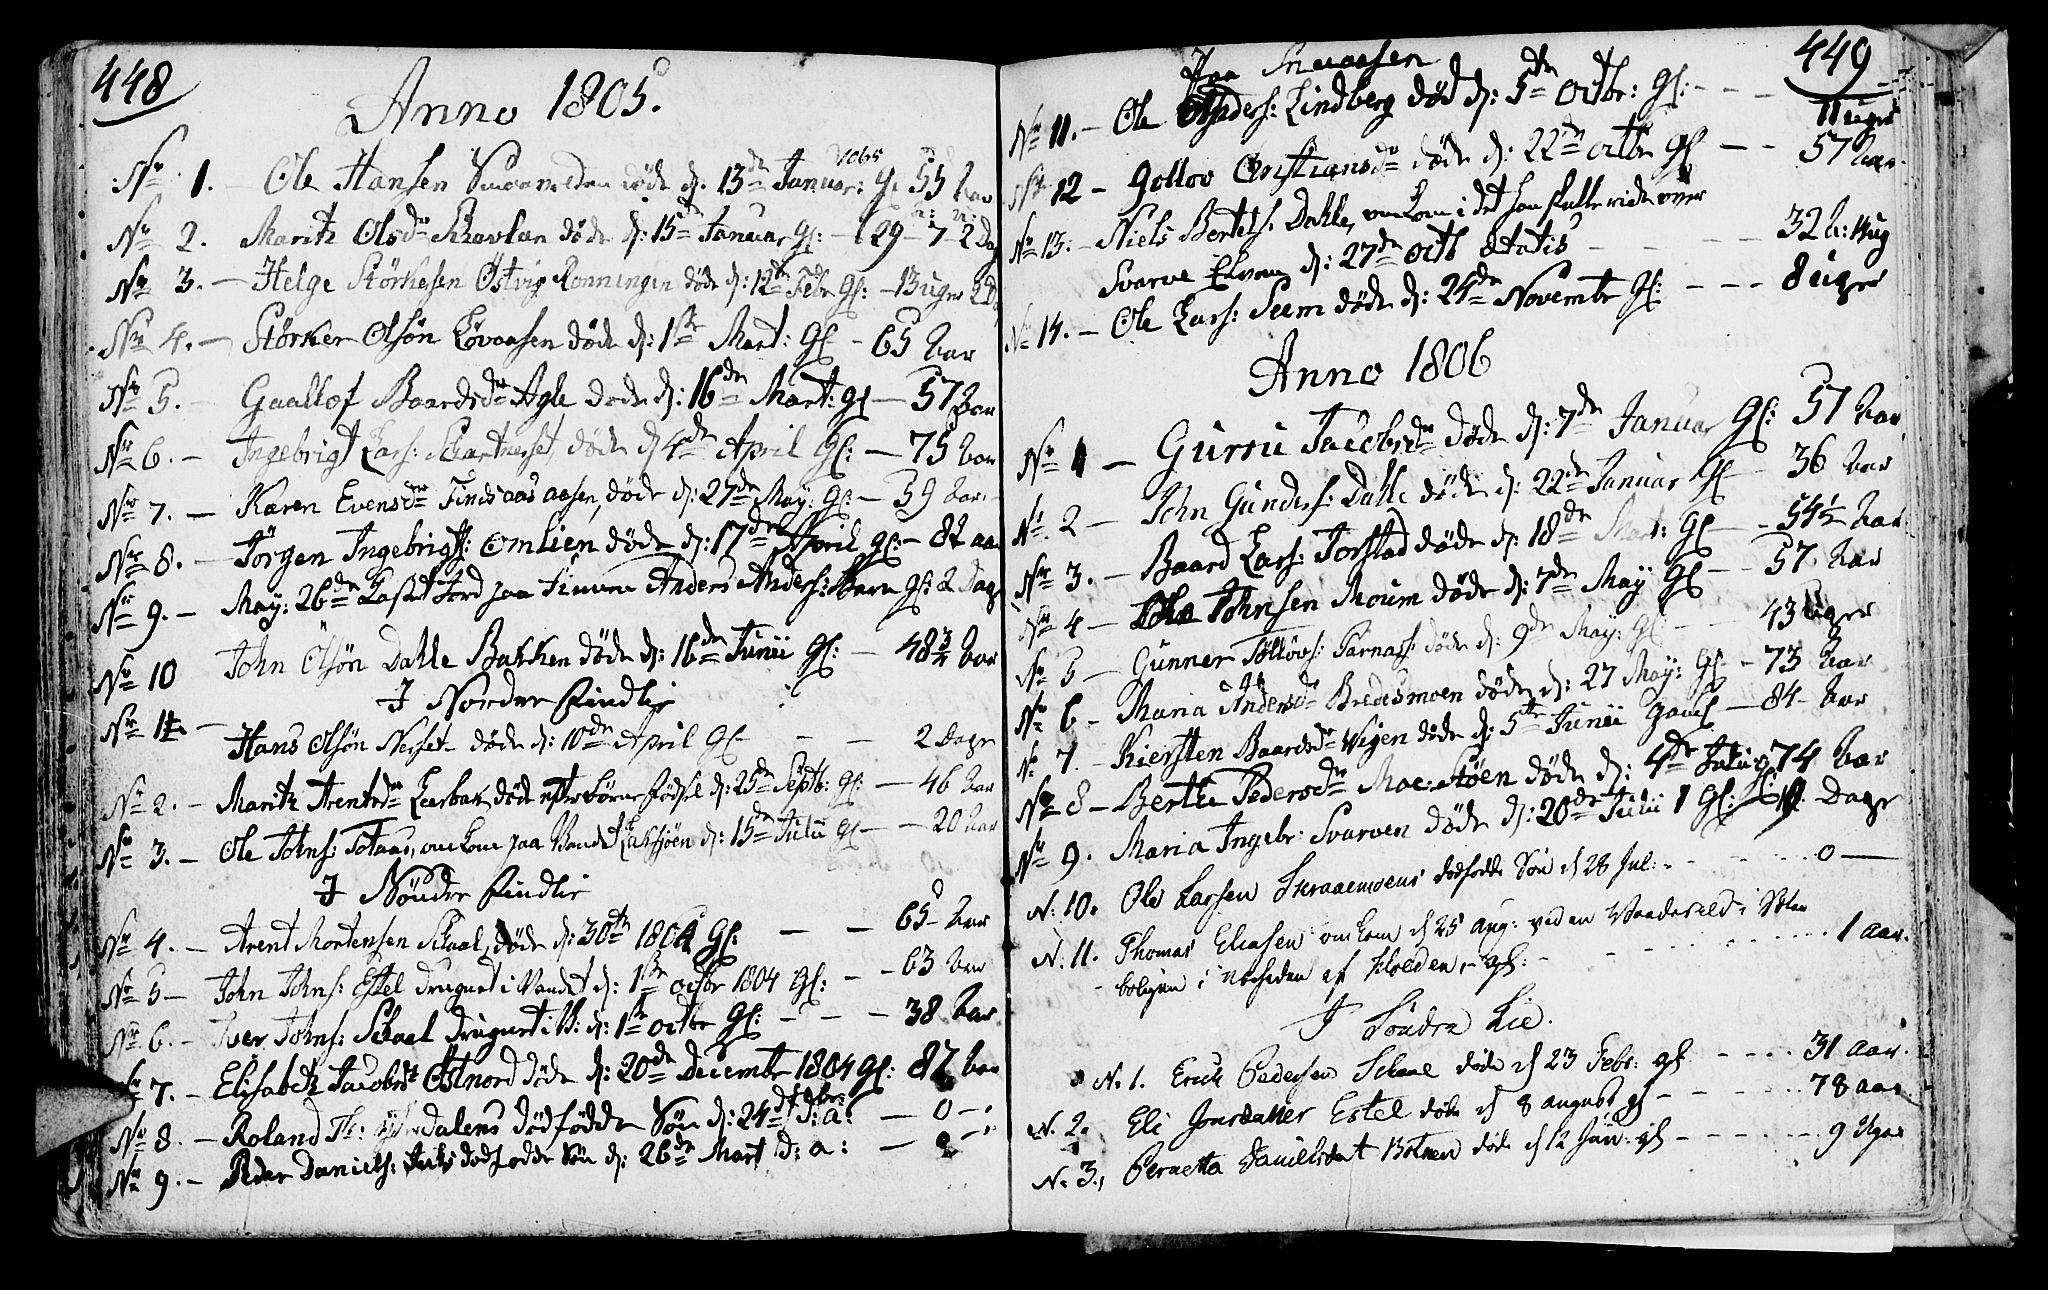 SAT, Ministerialprotokoller, klokkerbøker og fødselsregistre - Nord-Trøndelag, 749/L0468: Ministerialbok nr. 749A02, 1787-1817, s. 448-449